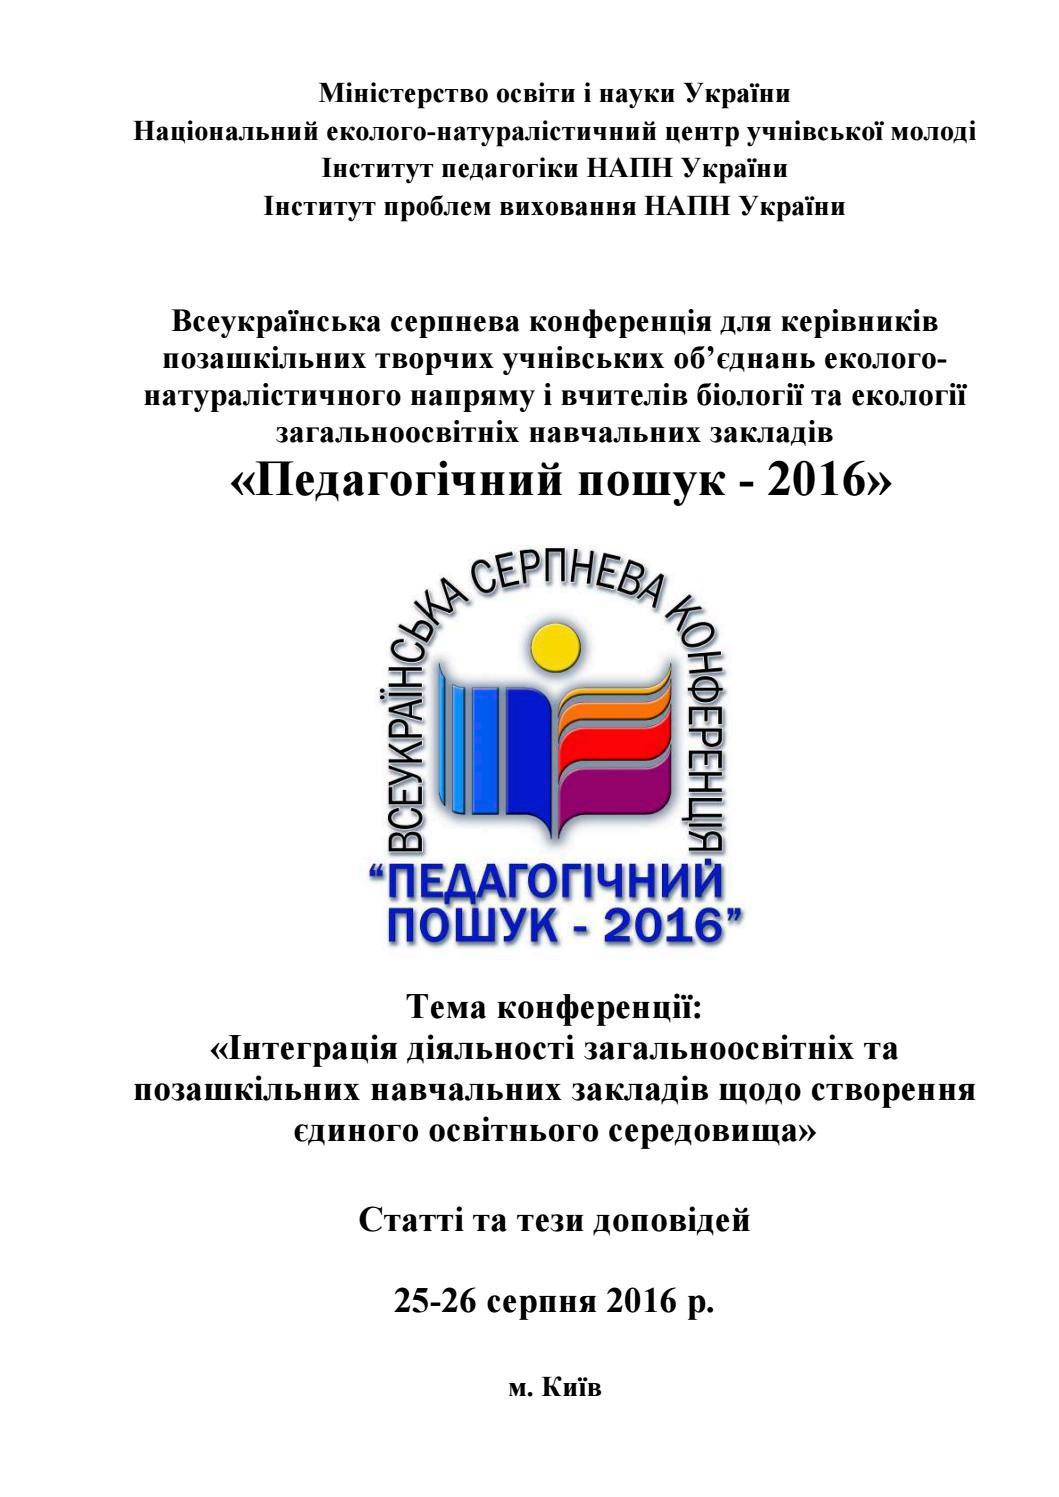 Всеукраїнська серпнева конференція «Педагогічний пошук – 2016» by НЕНЦ -  issuu 97b4e6023e7fb